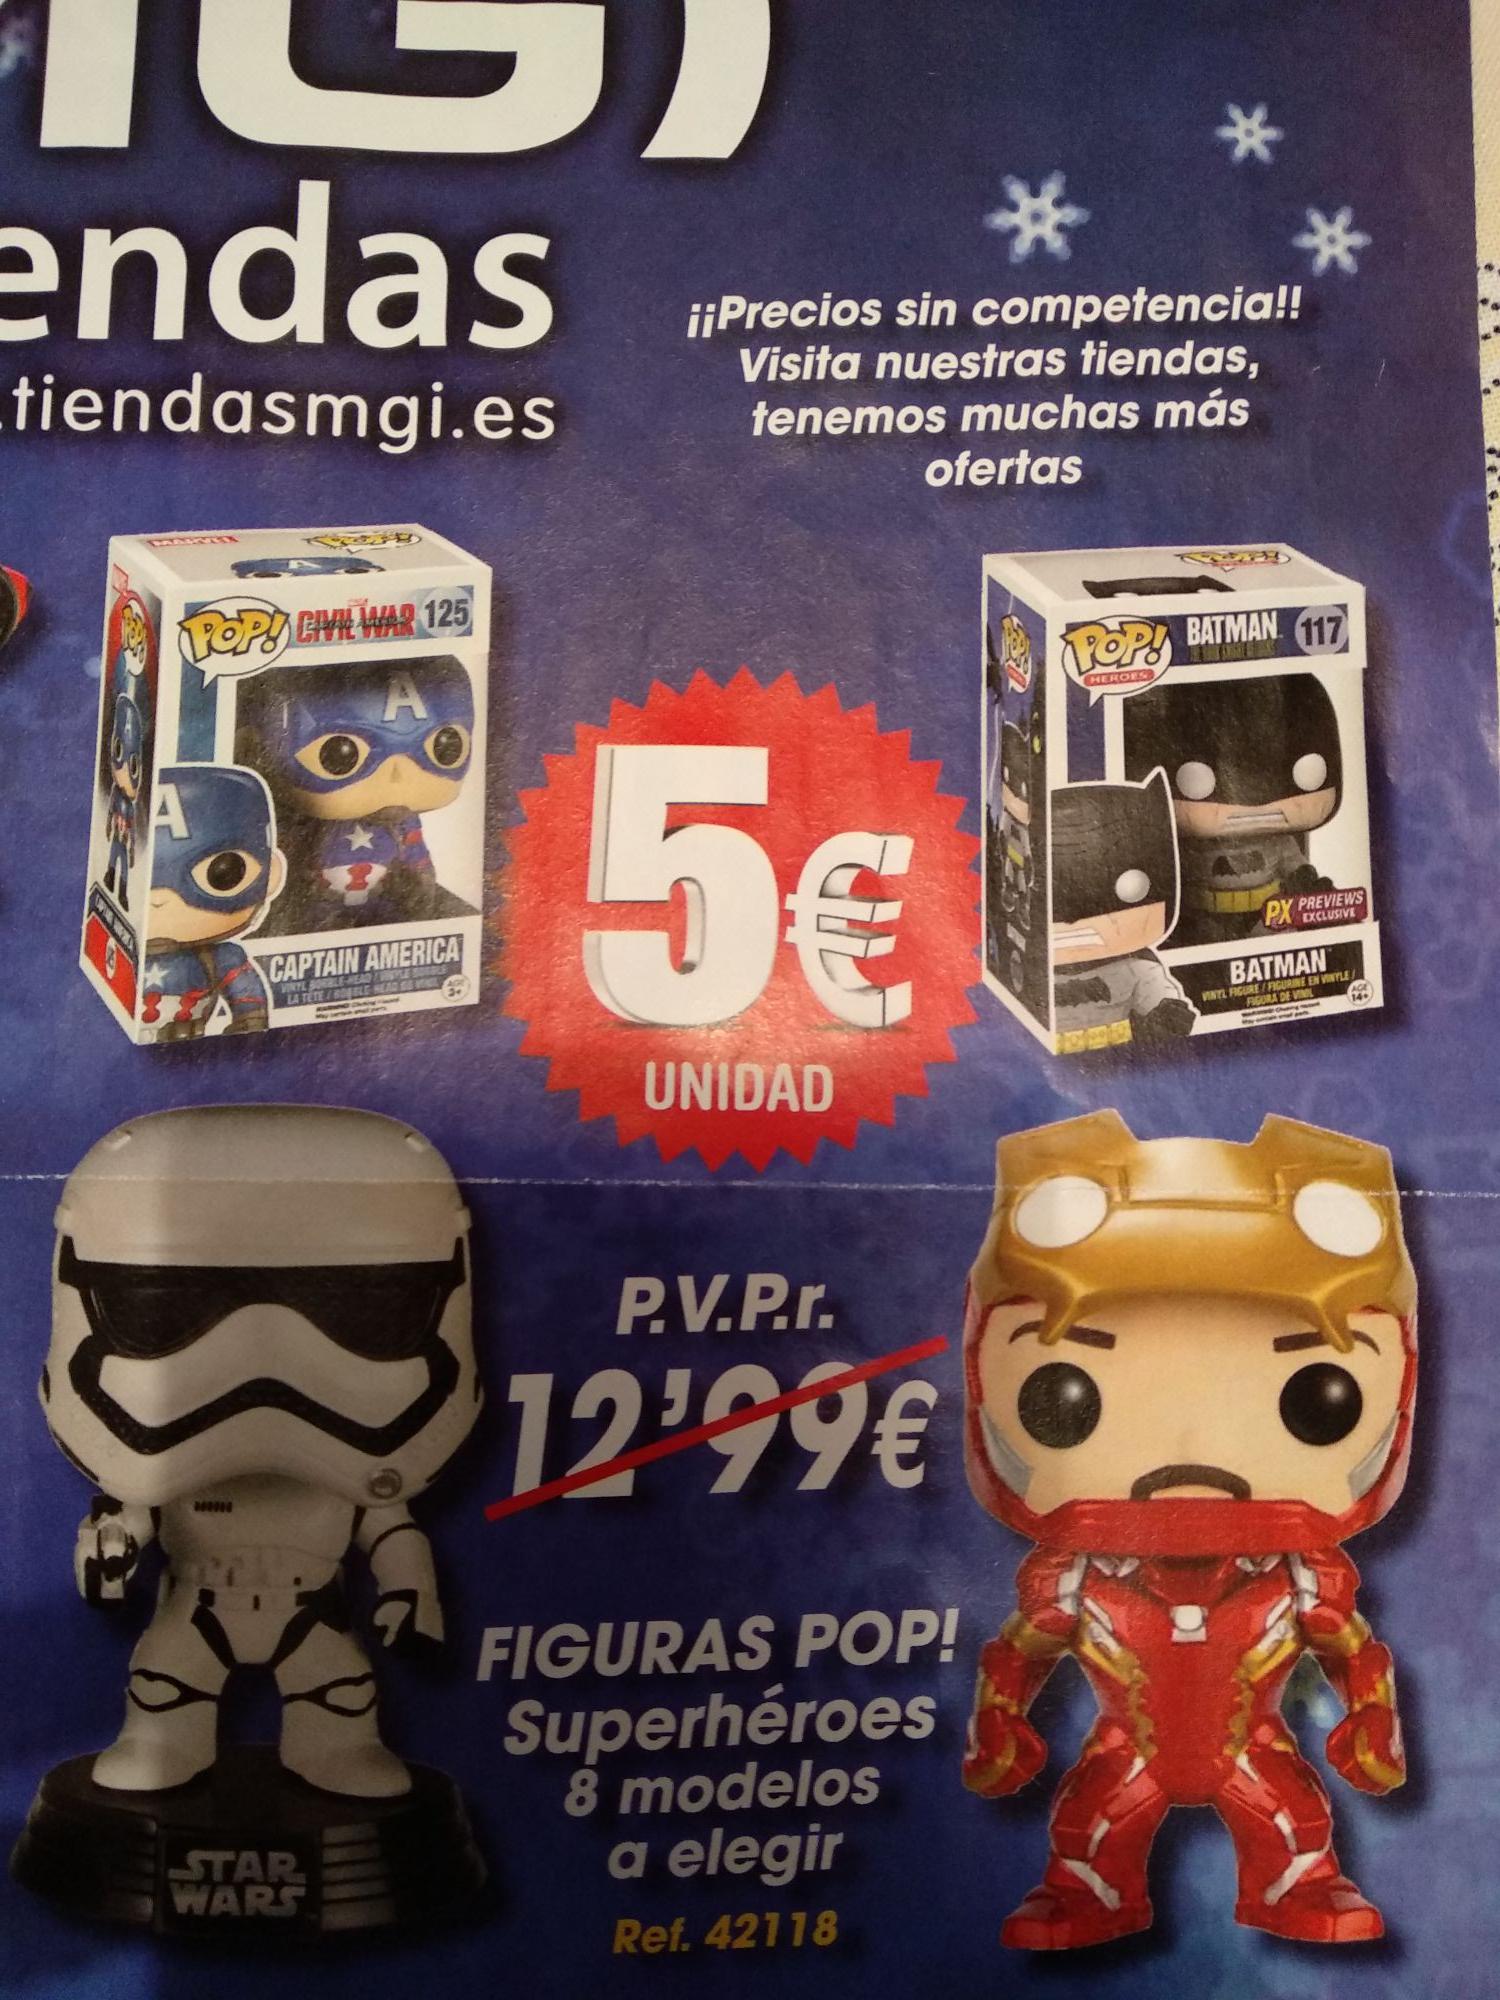 Funko Pops 5€ (En TIENDAS MGI)